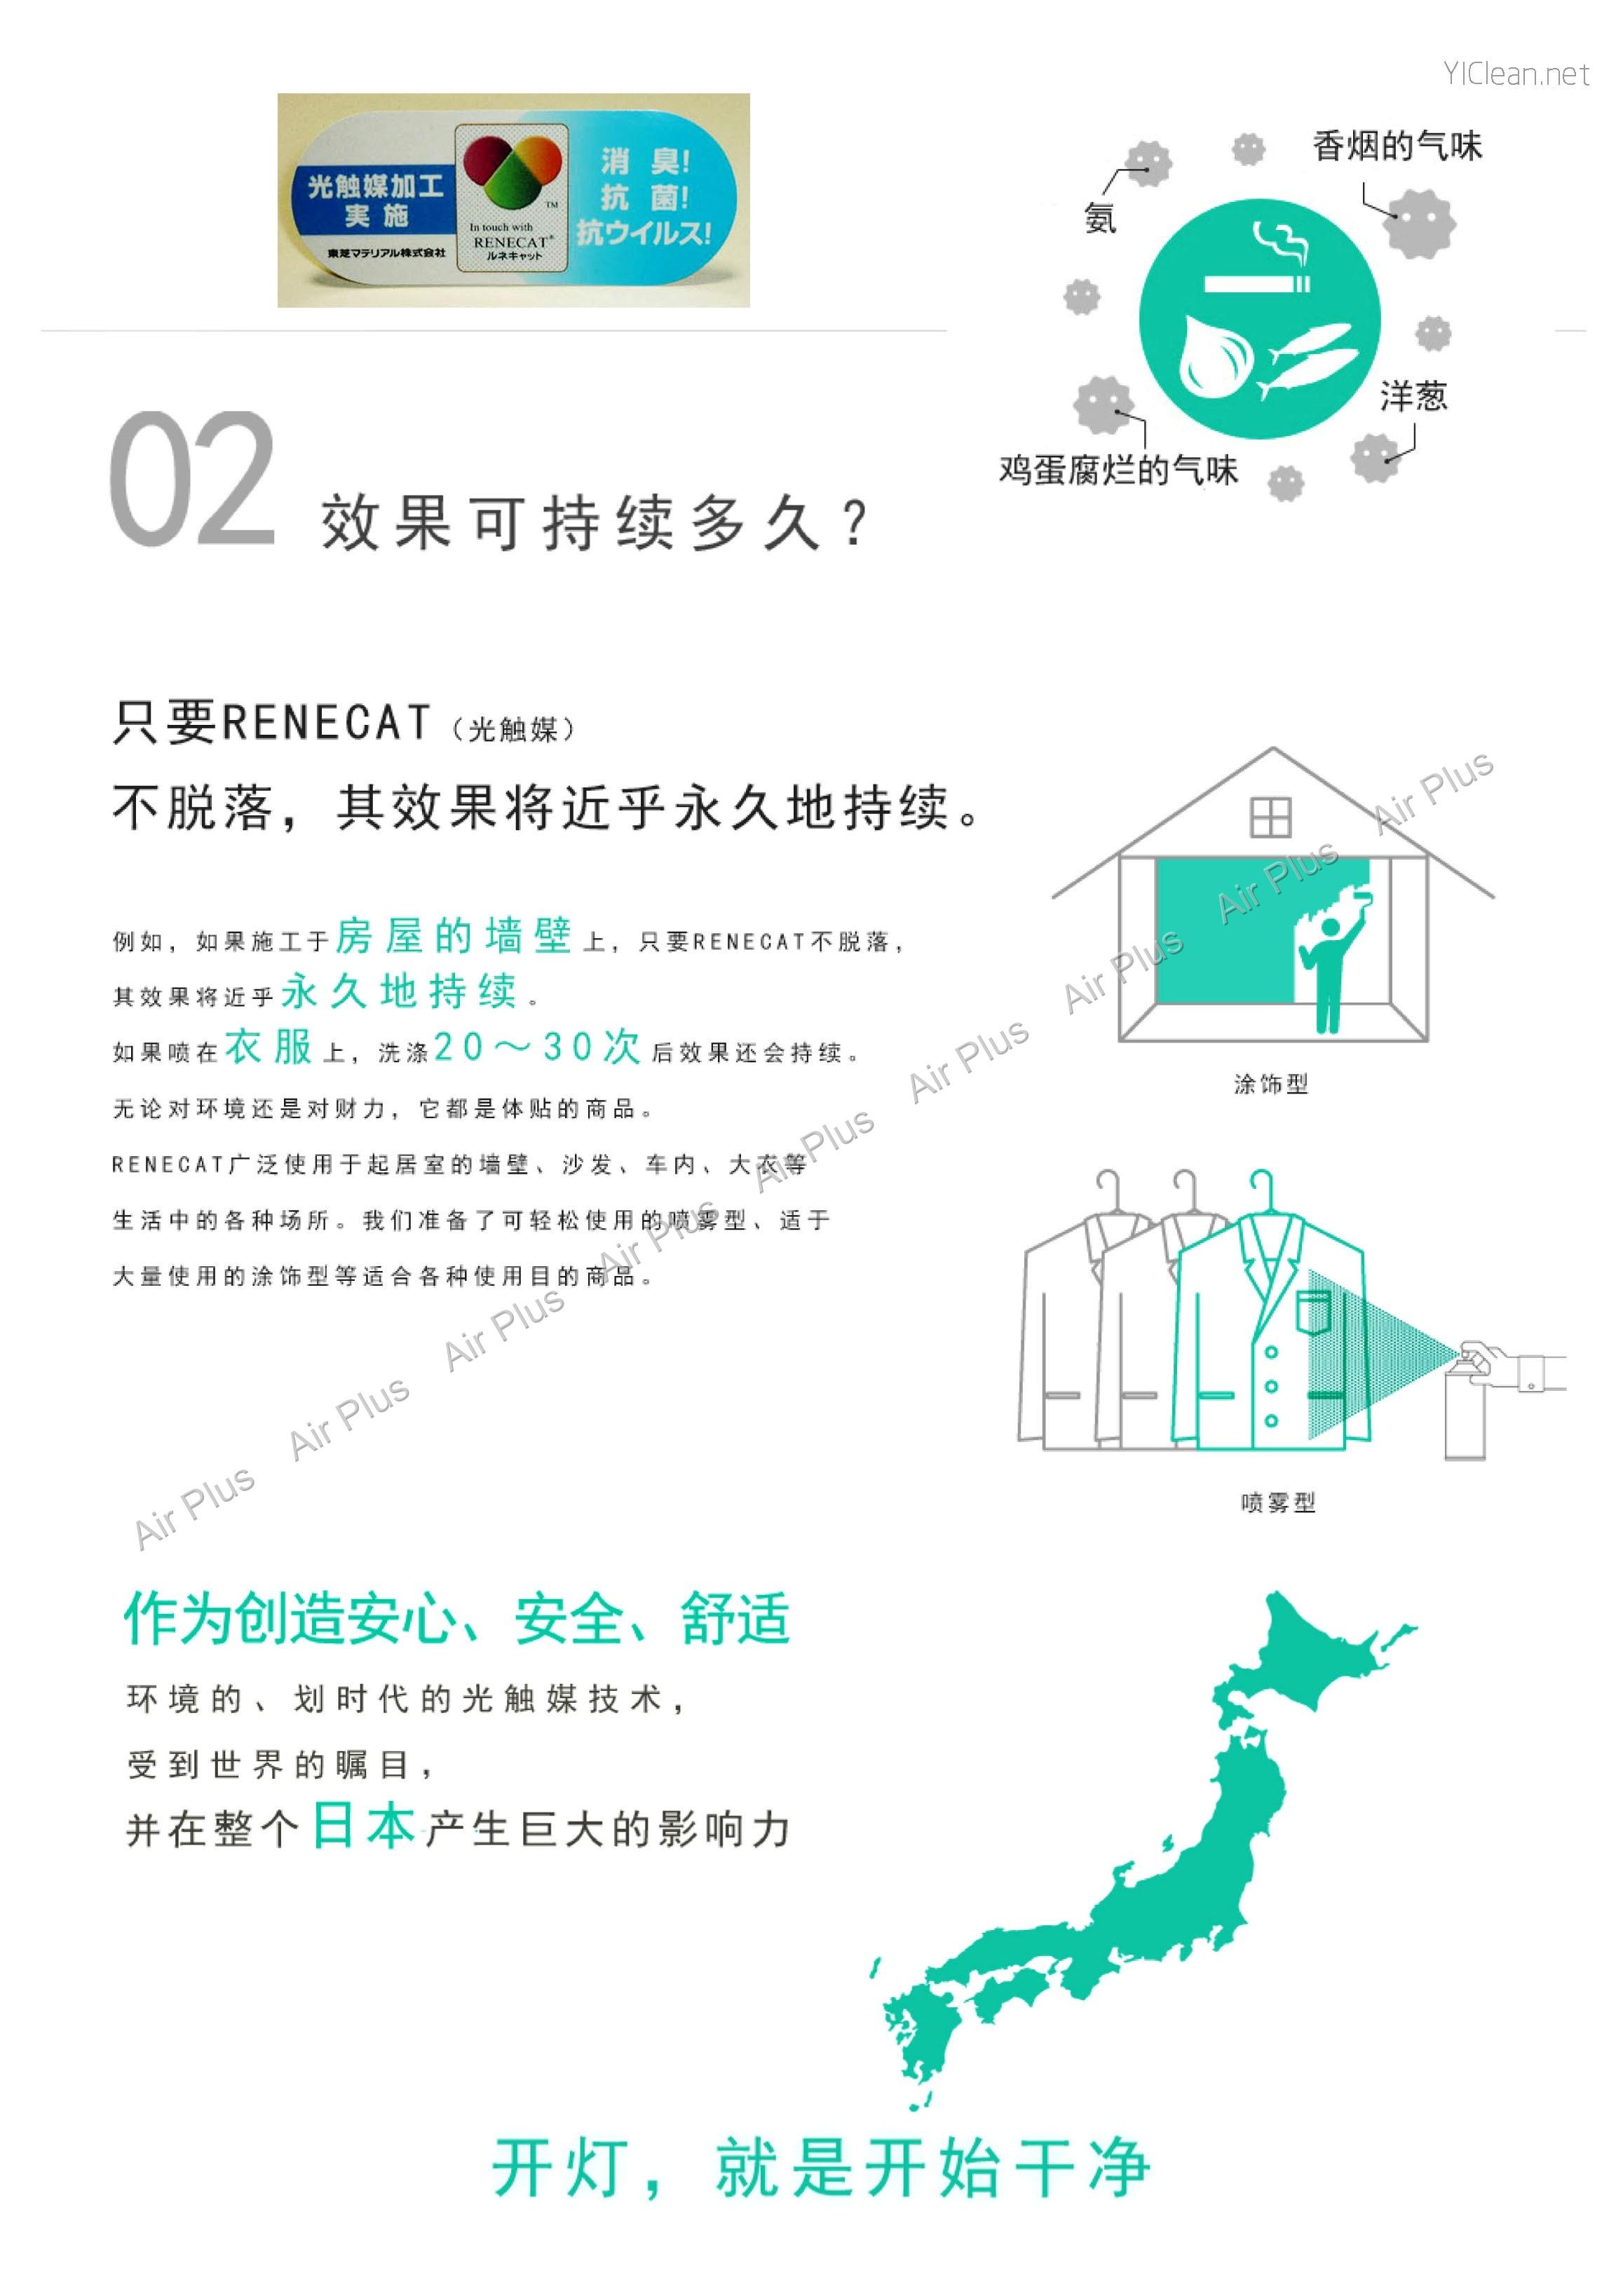 (中文)TOSHIBA·可视光光触媒 RENECAT☆_页面_08.jpg